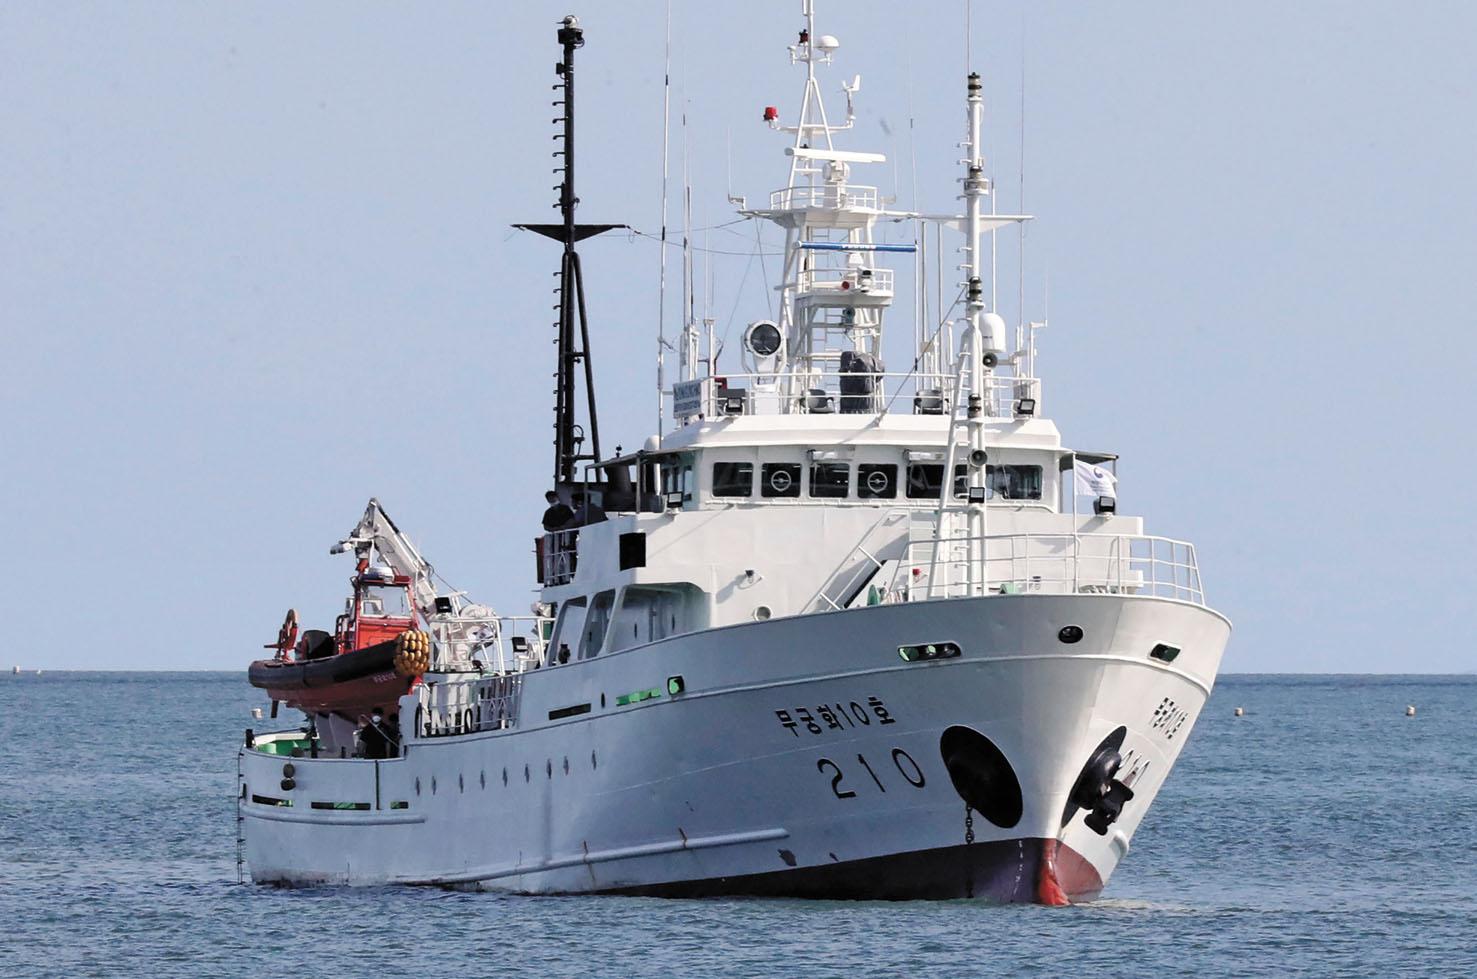 被射殺的韓國漁業官員據報從巡護船上失蹤。圖為在韓國延坪島附近的一艘韓國巡護船。美聯社